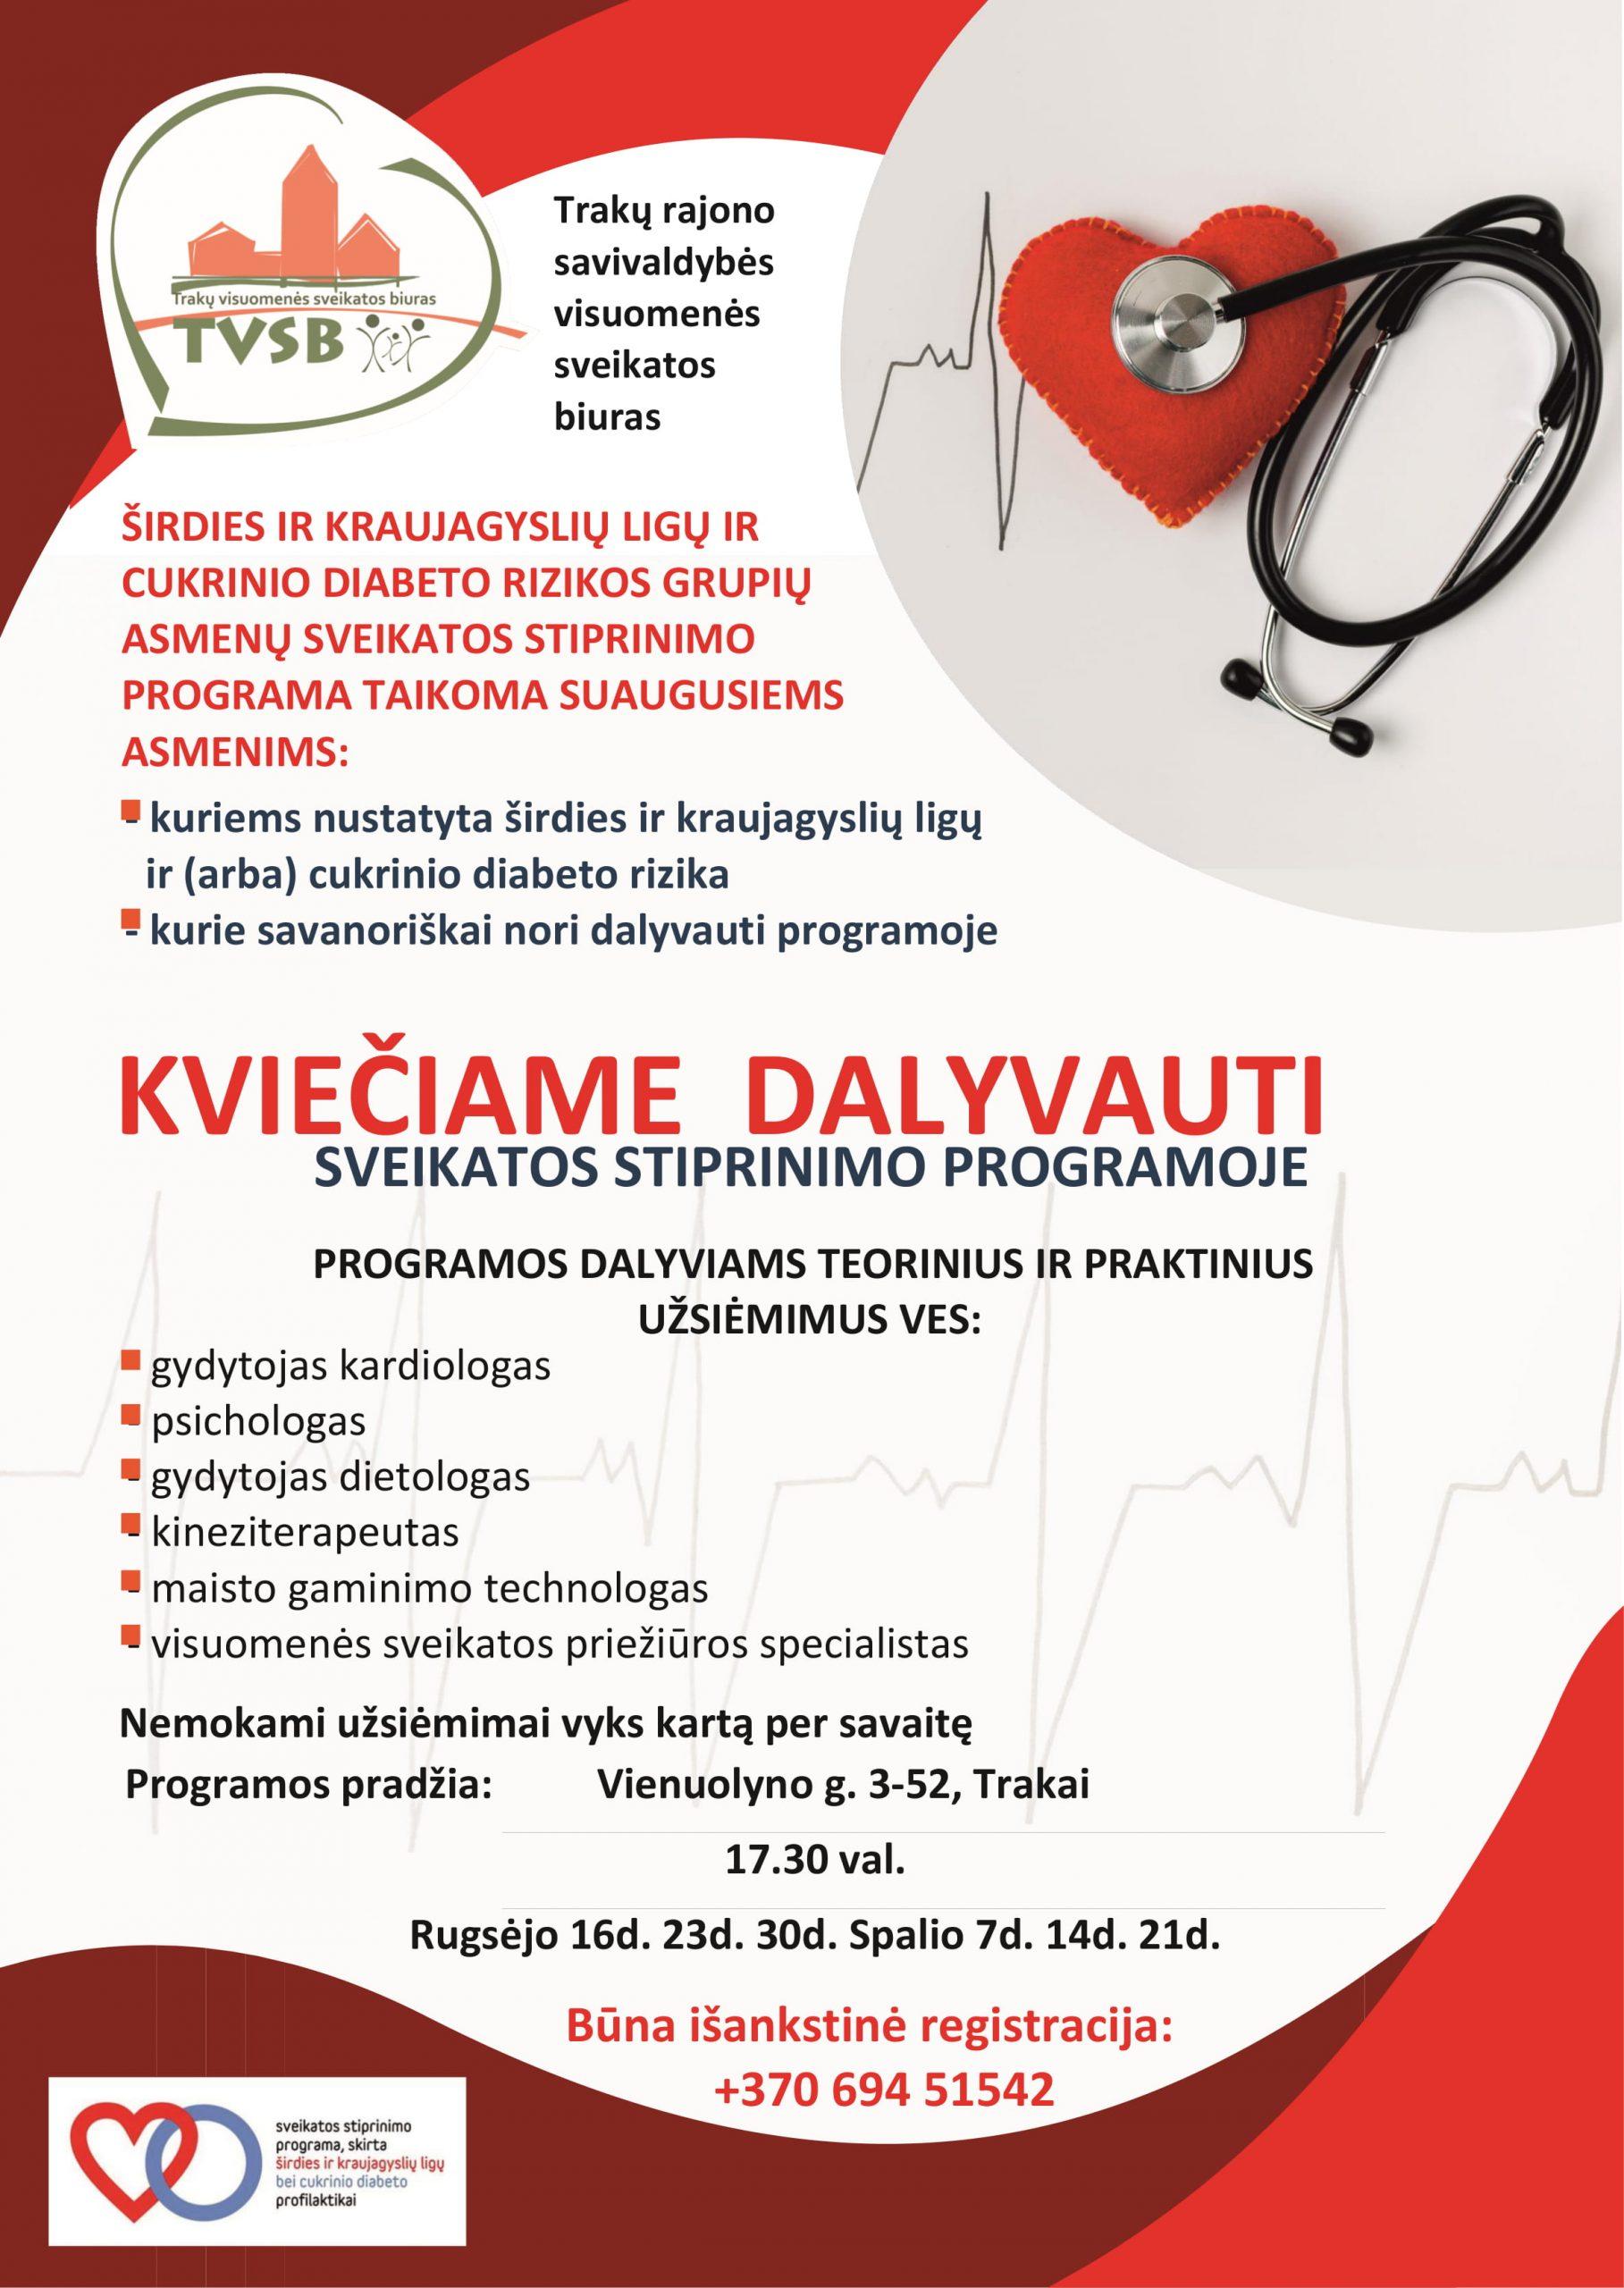 hipertenzijos sveikatos programa